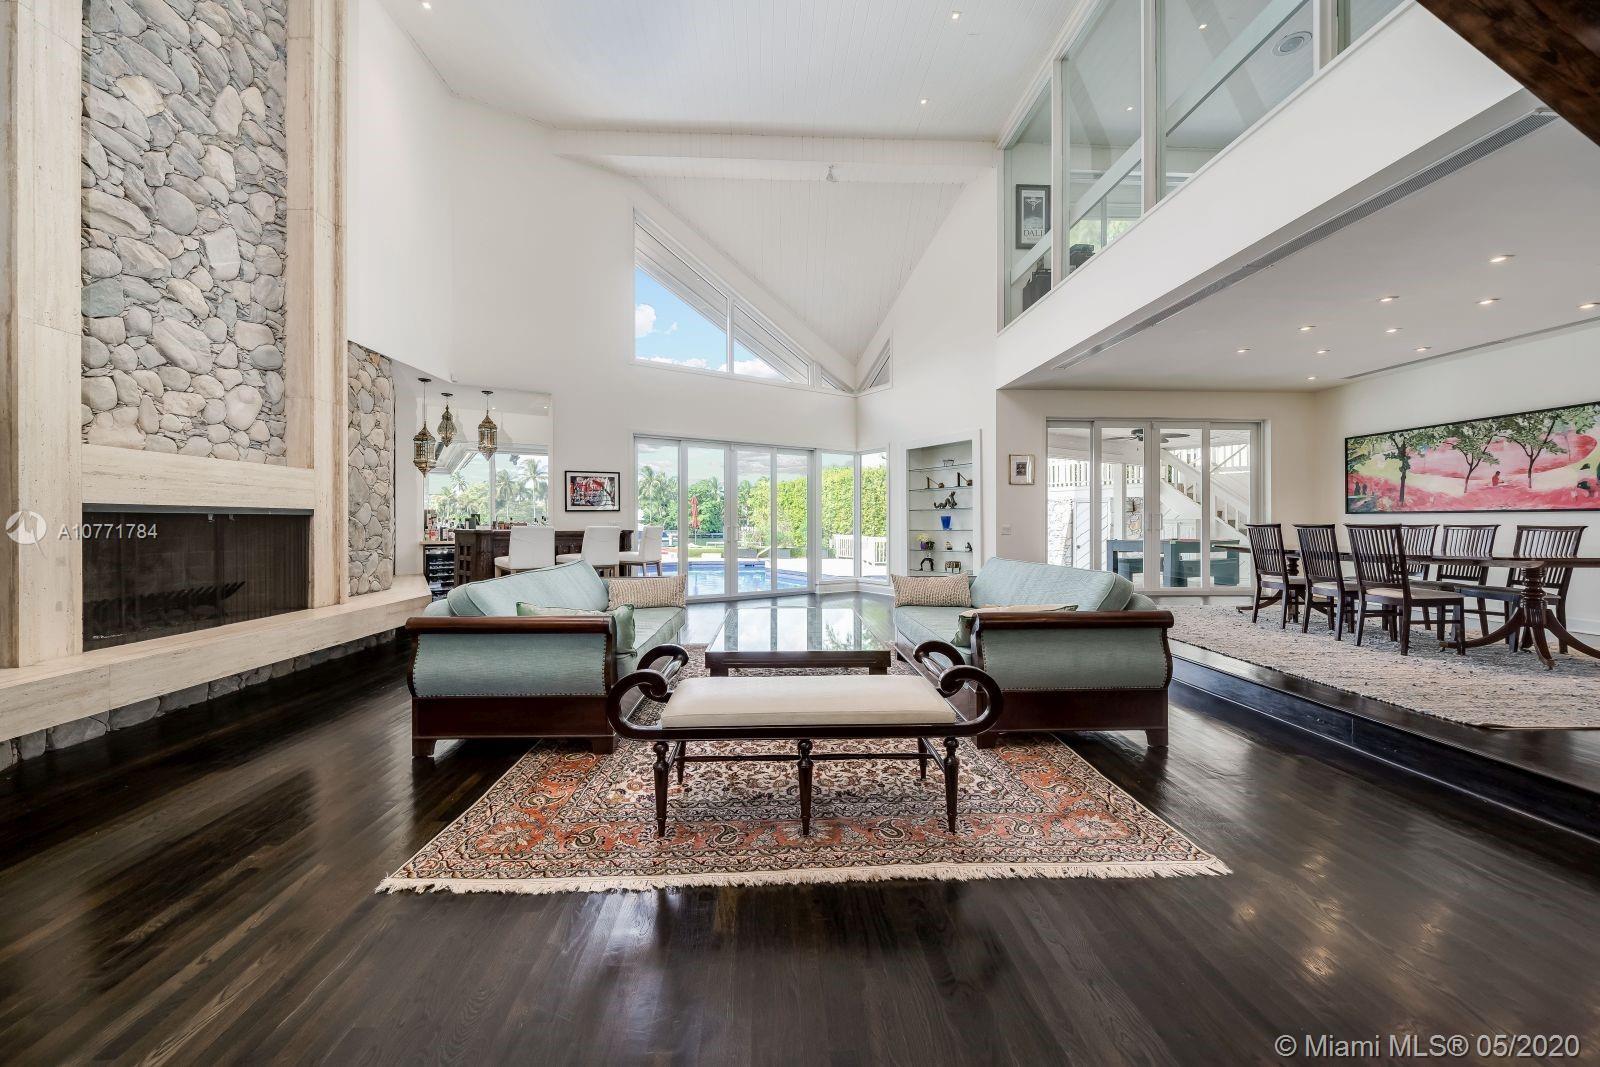 1400 Biscaya Dr, Surfside, FL 33154 - Surfside, FL real estate listing